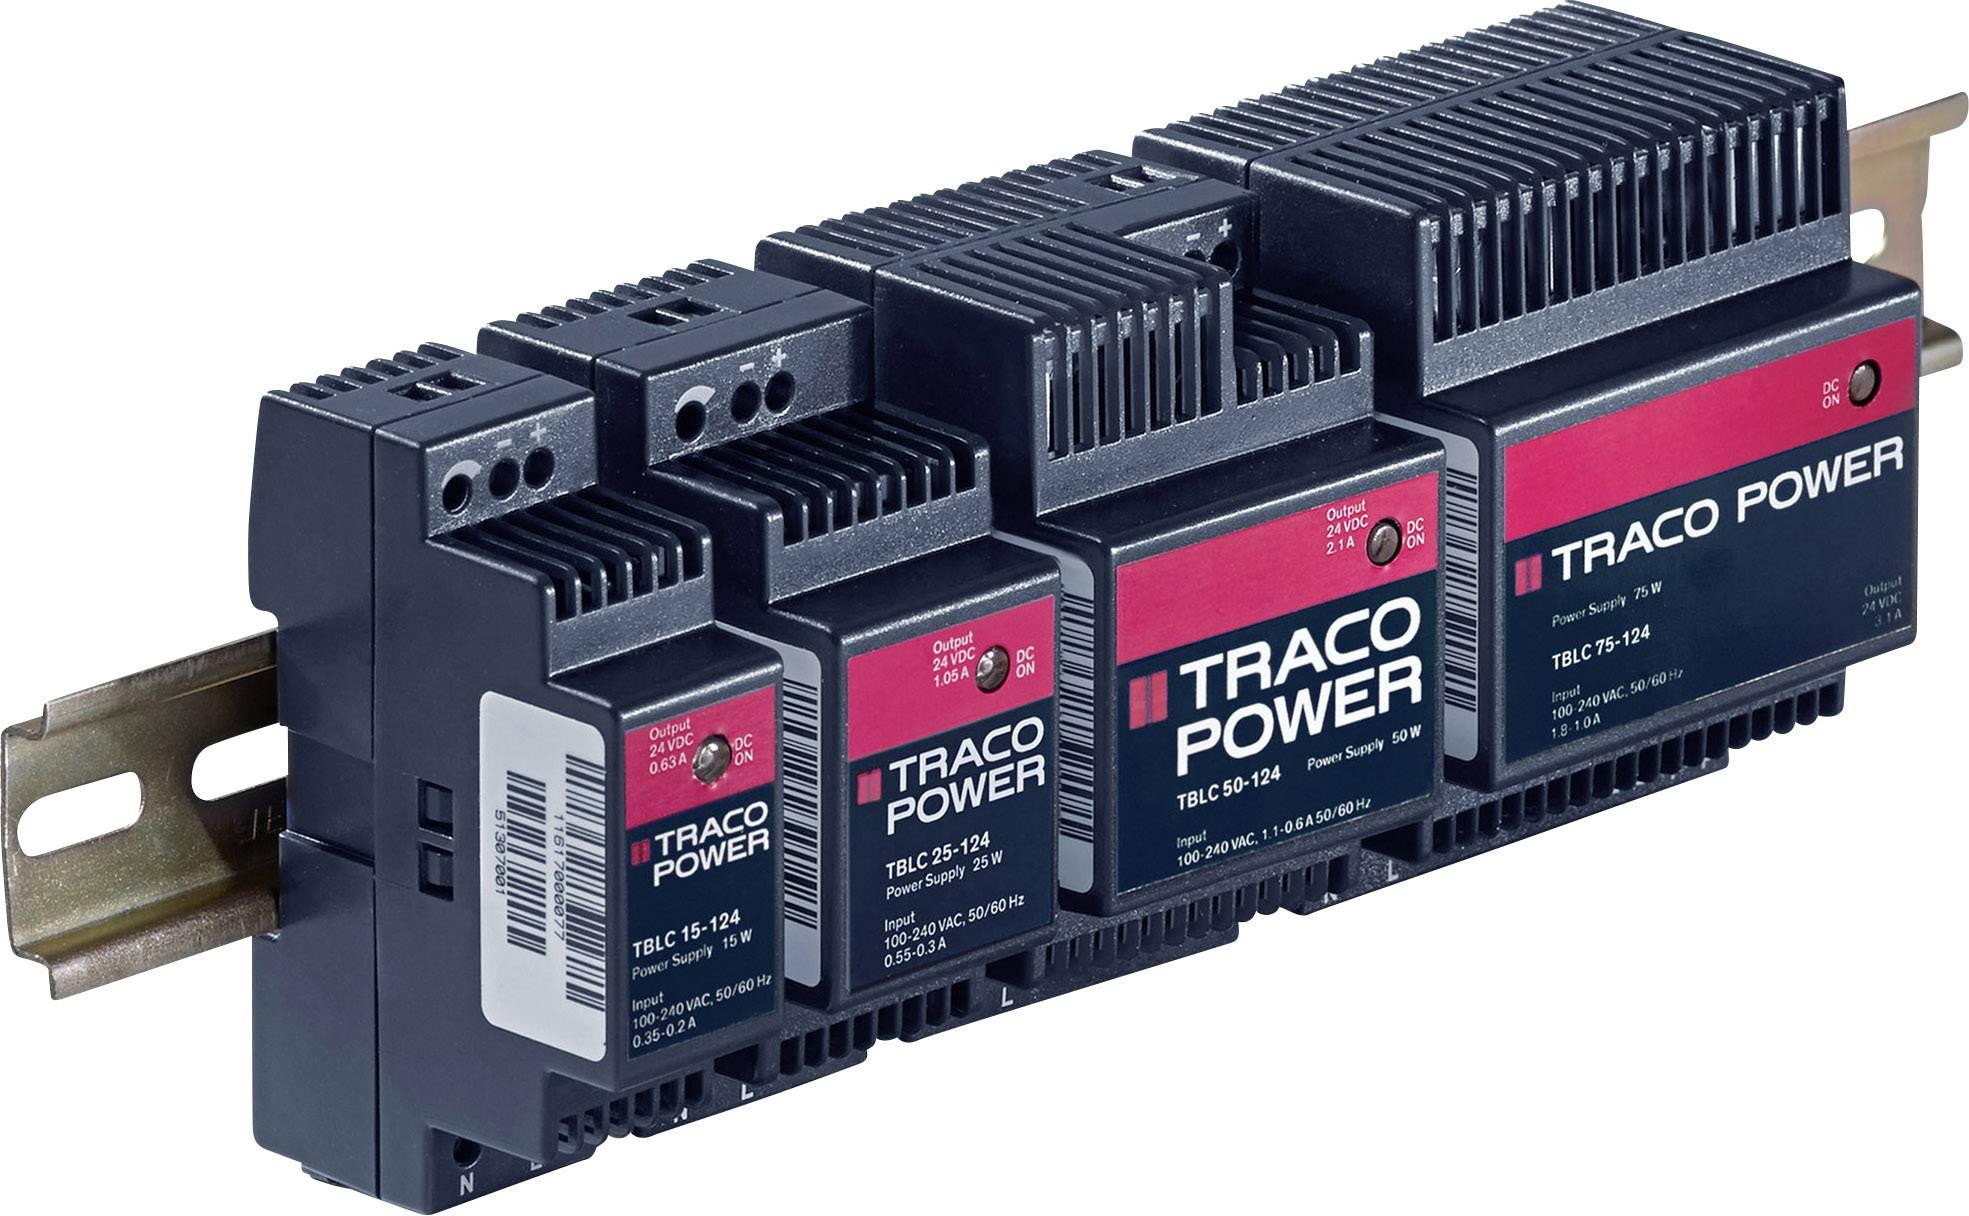 Síťový zdroj na DIN lištu TracoPower TBLC 06-124, +28 V/DC, 250 mA, 6 W